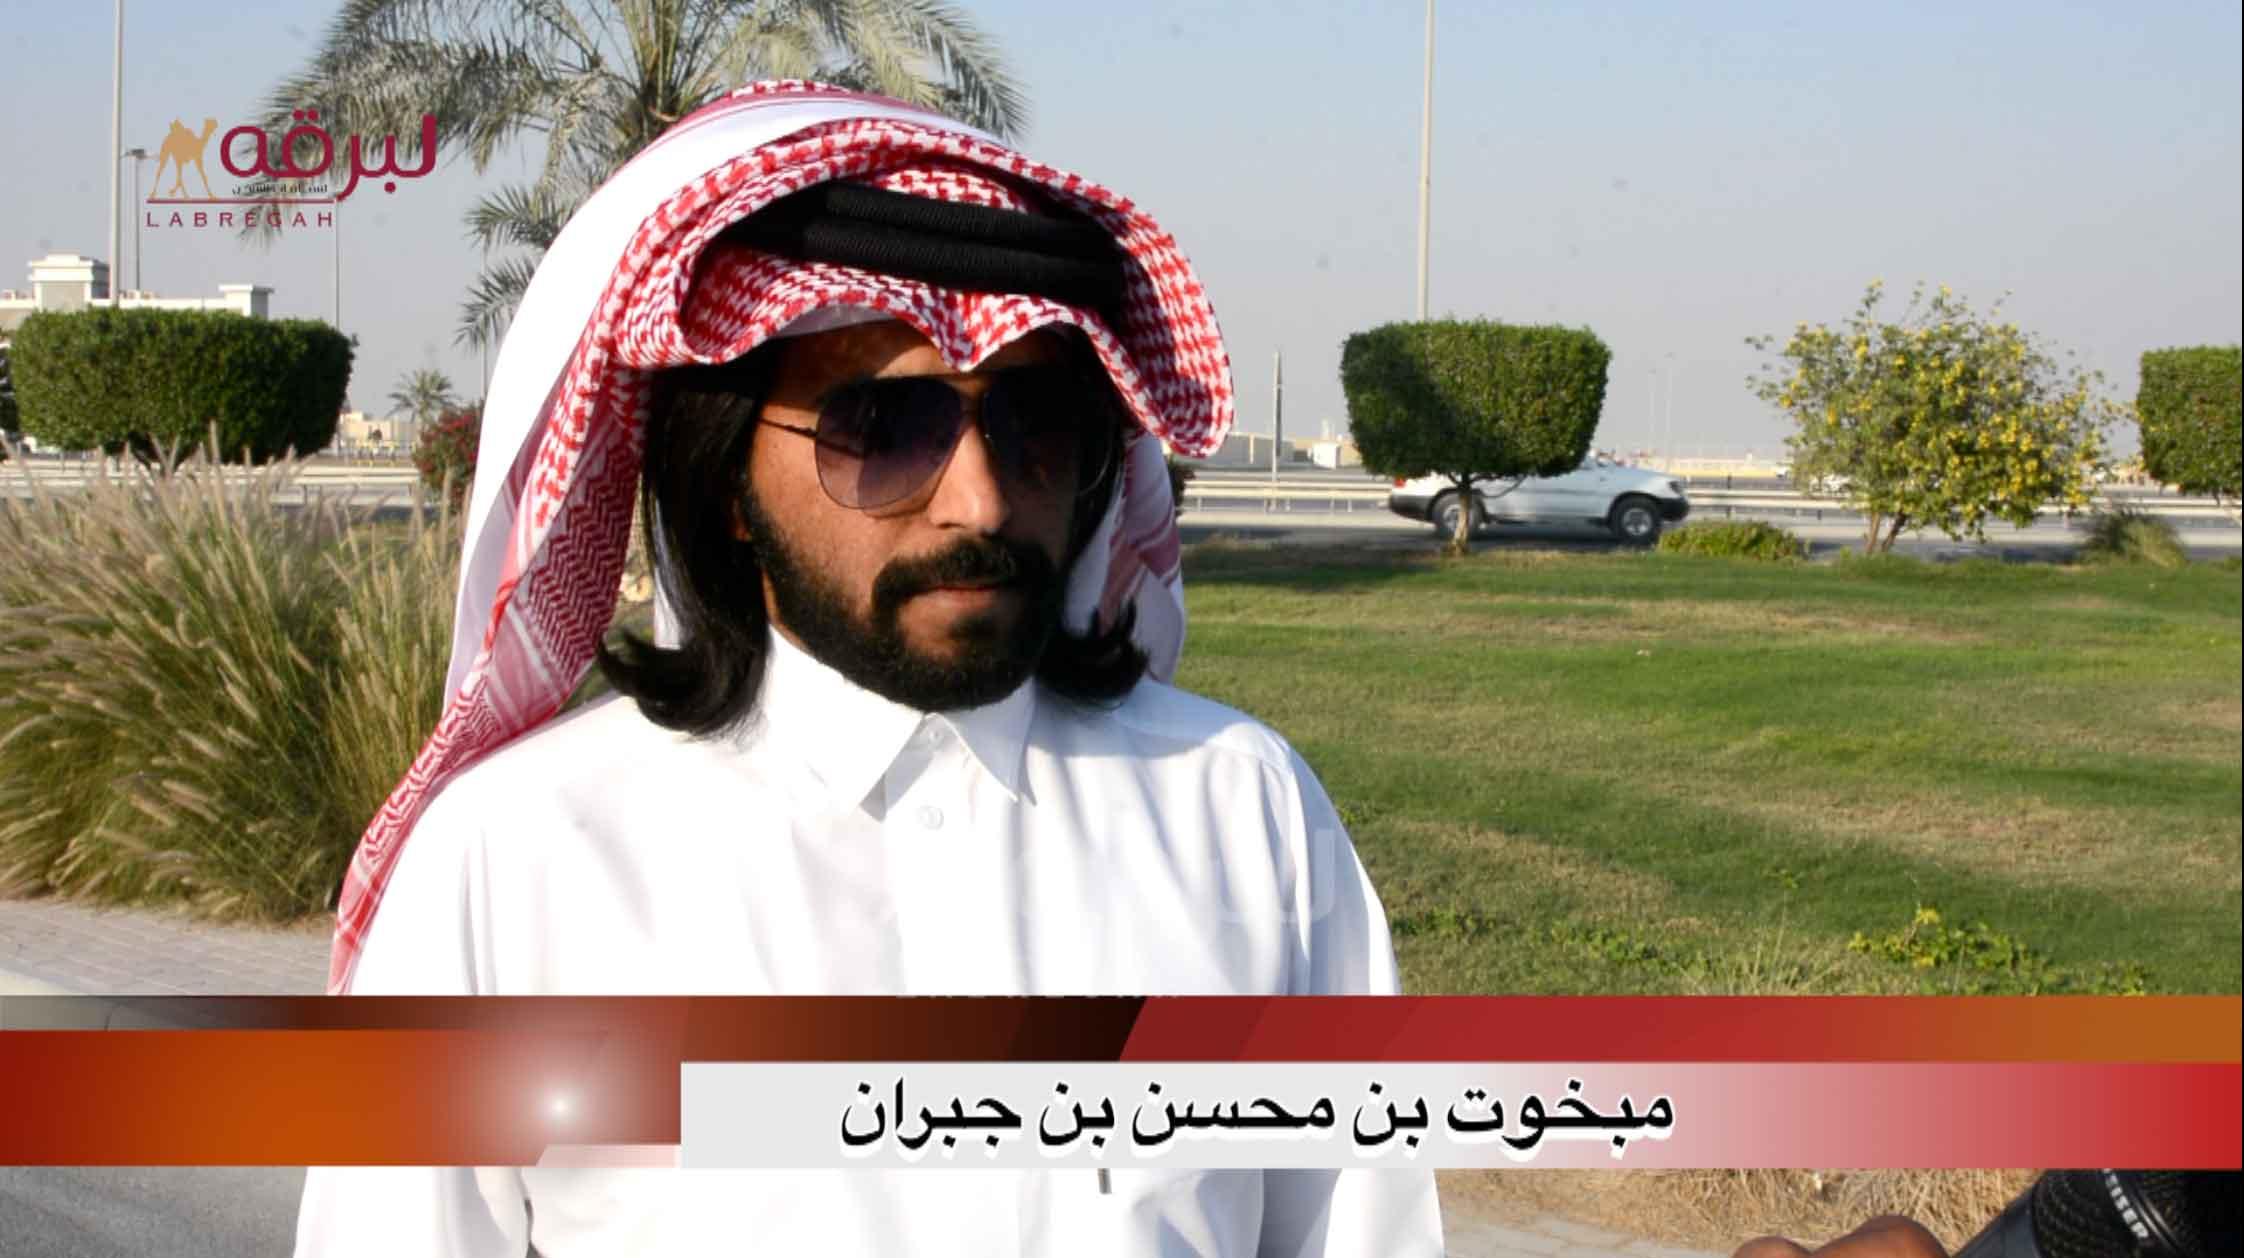 لقاء مع مبخوت بن محسن بن جبران.. الشوط الرئيسي للحقايق بكار مفتوح الأشواط العامة  ٥-١١-٢٠٢٠